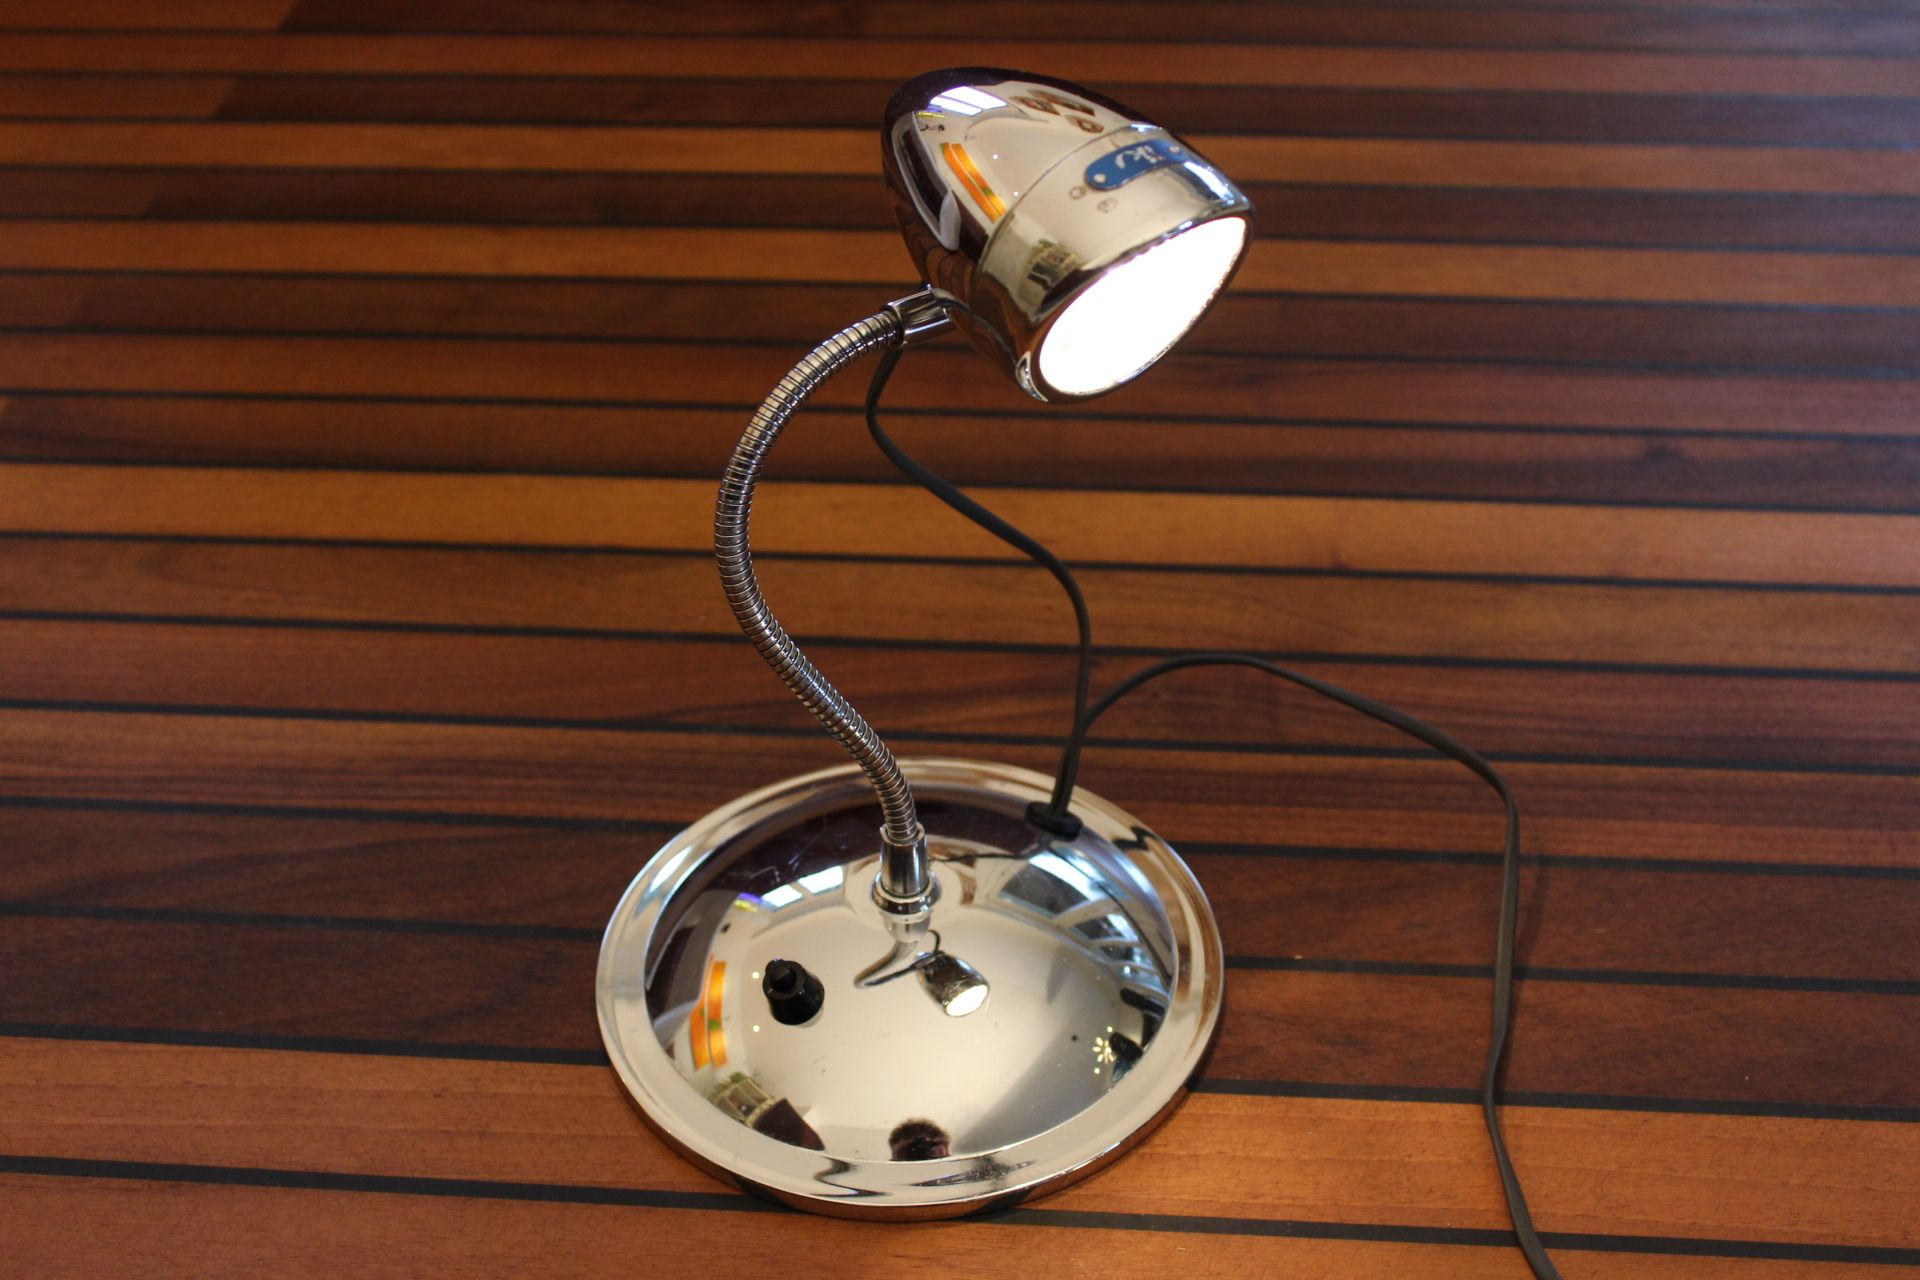 schreibtischlampe gebaut aus einer fahrradlampe und einem alten schminkspiegel upcycle lamp. Black Bedroom Furniture Sets. Home Design Ideas